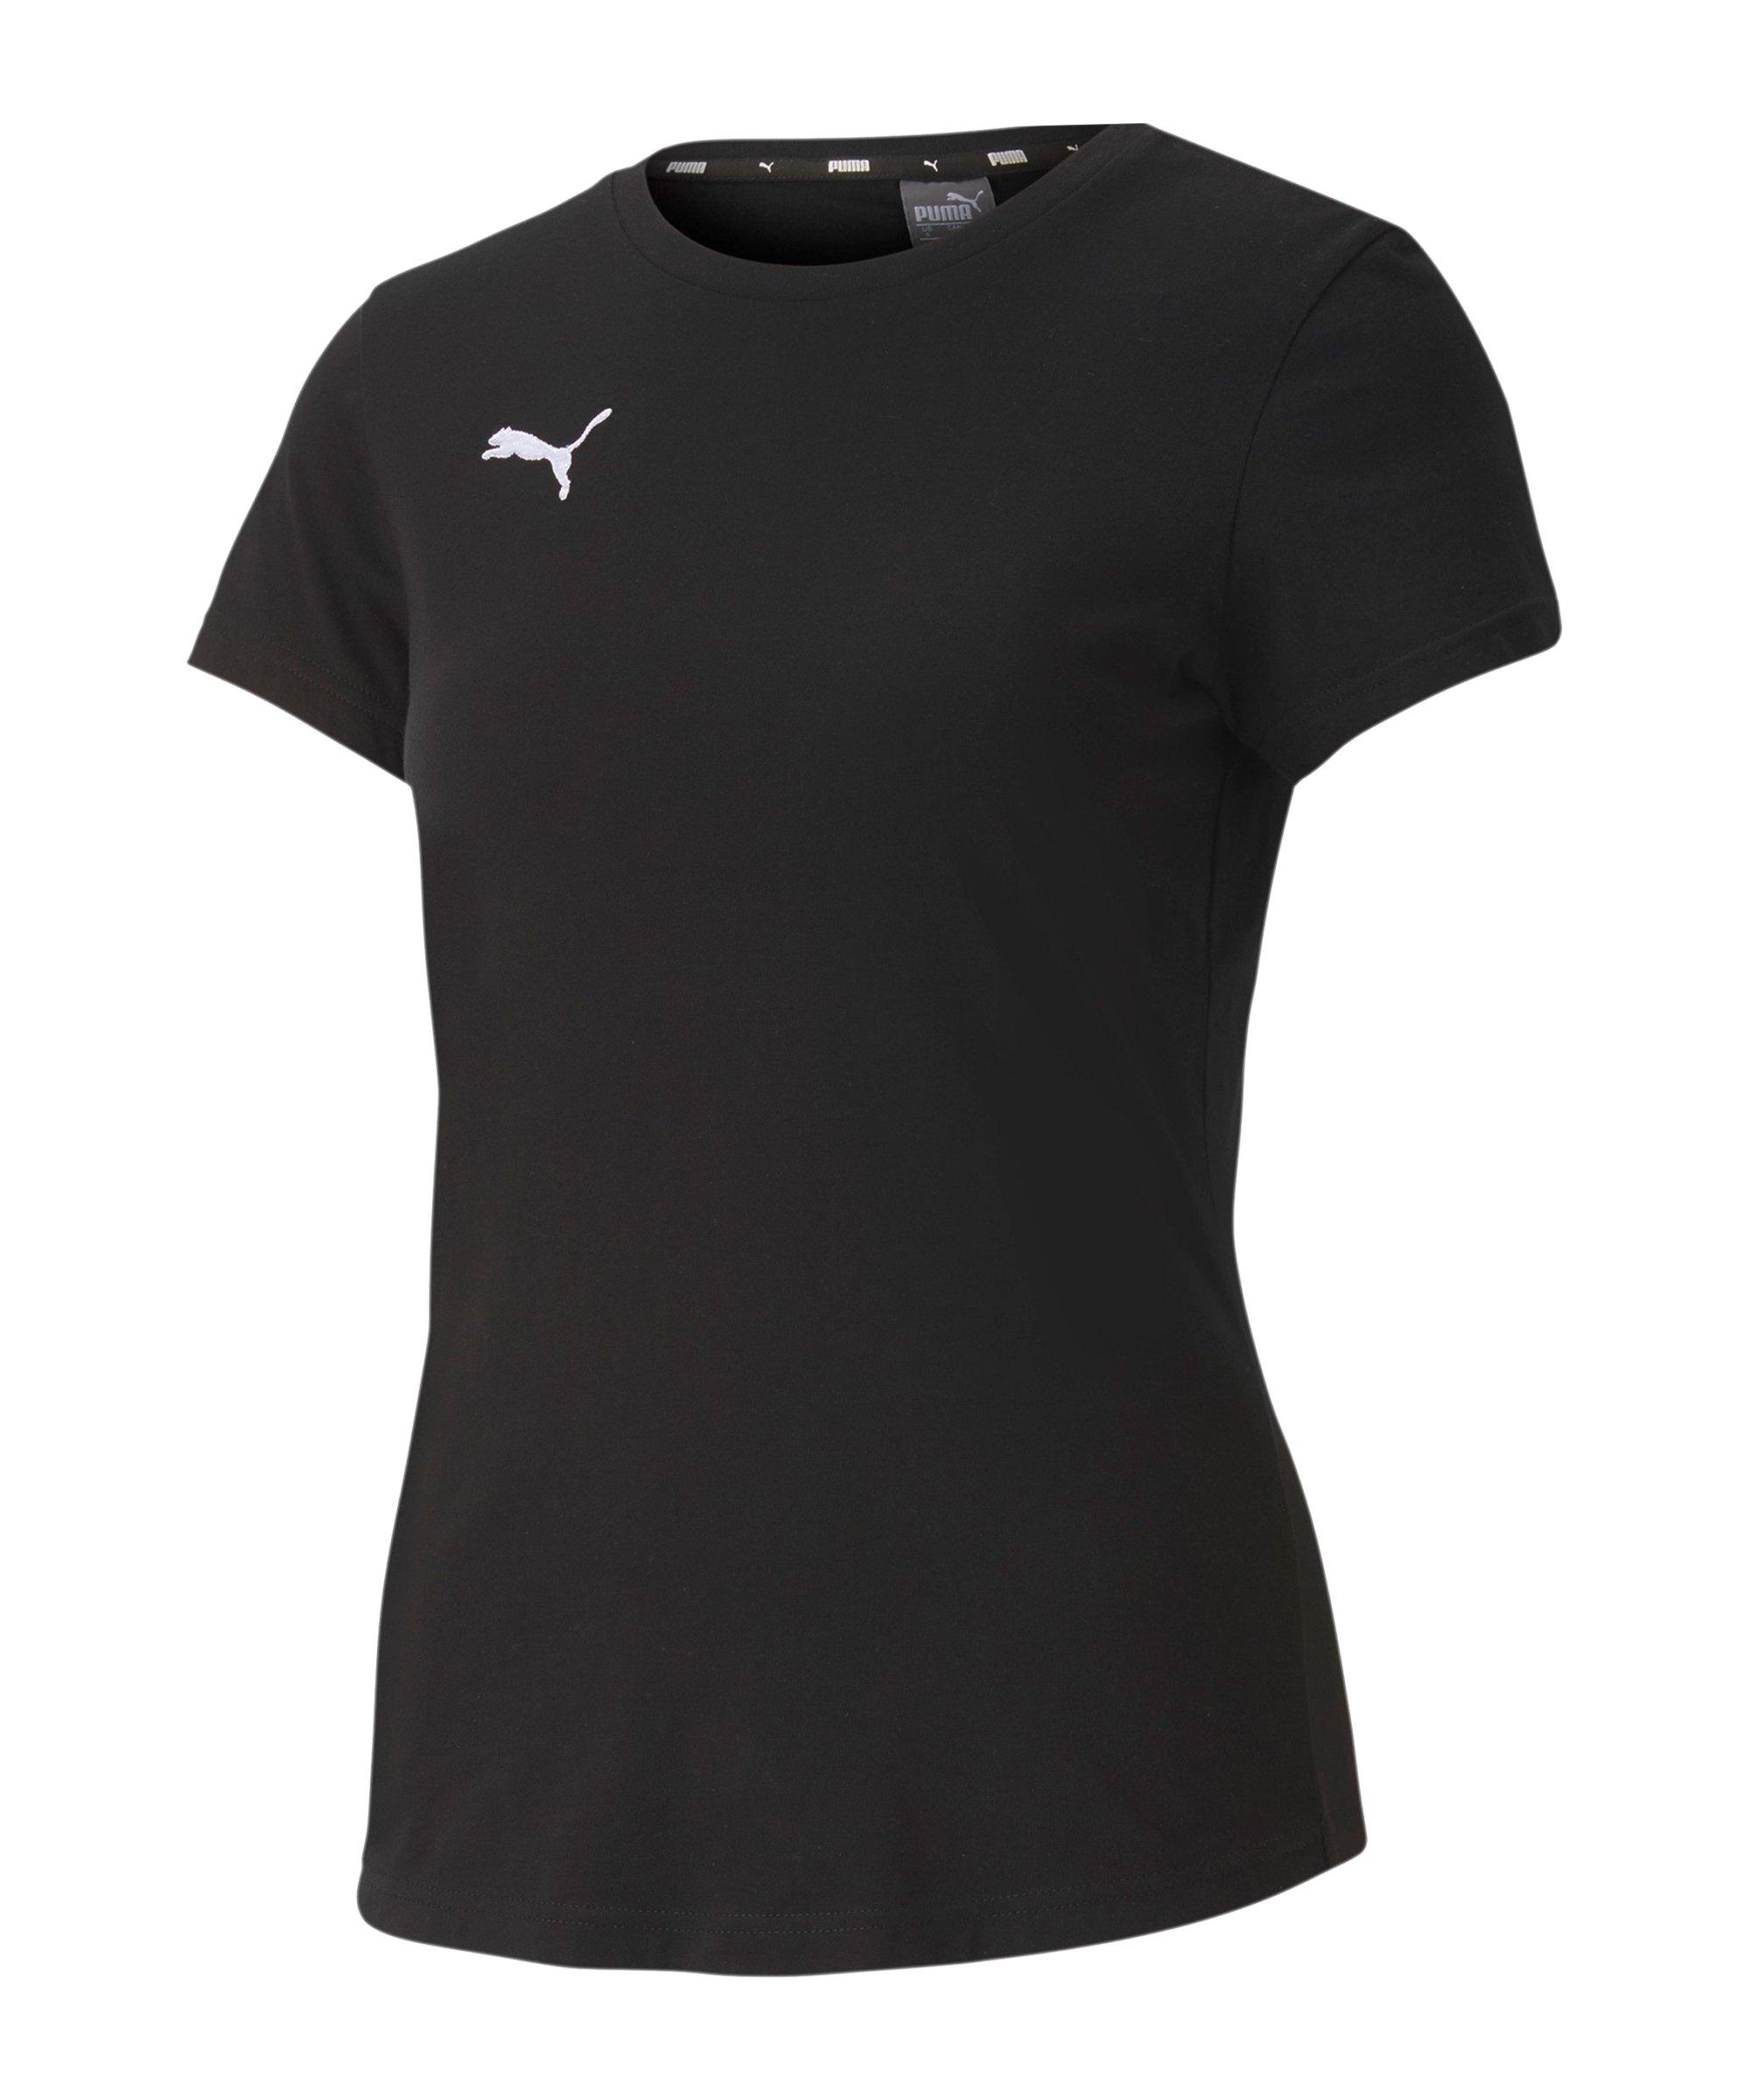 PUMA teamGOAL 23 Casuals T-Shirt Damen F03 - schwarz